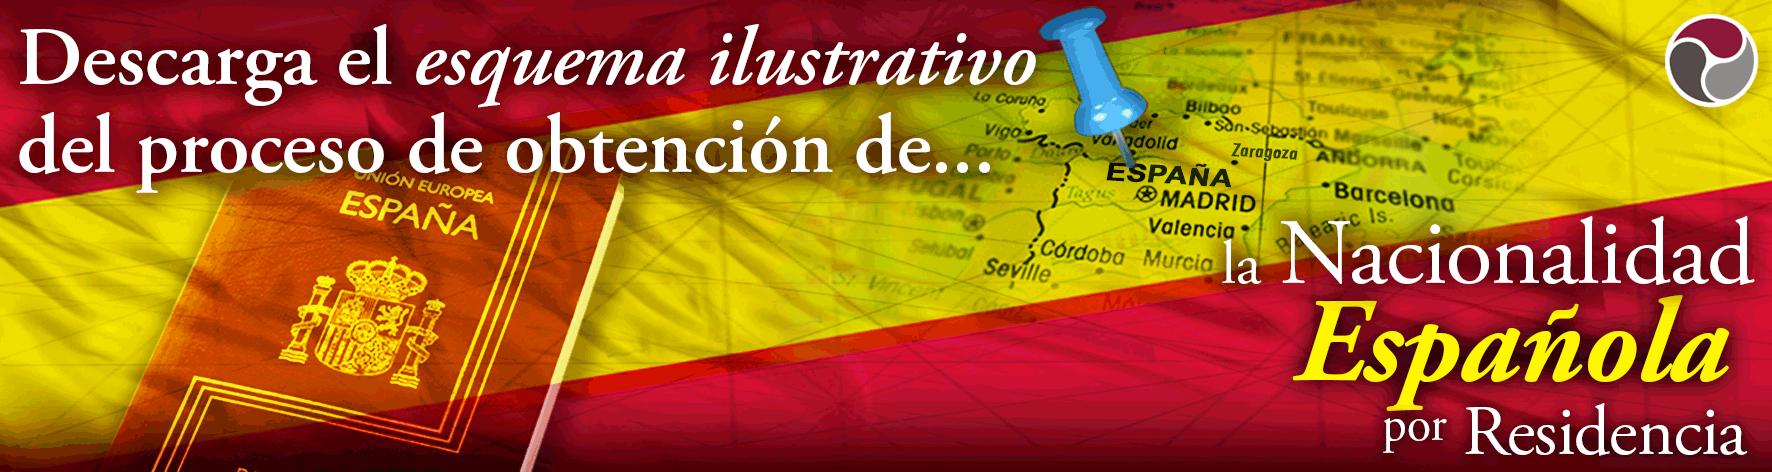 Nacionalidad ad web Habeas Legal 2 1 - ¿Sabes cuál es la importancia de la caducidad de los documentos en el proceso de obtención de la Nacionalidad Española?